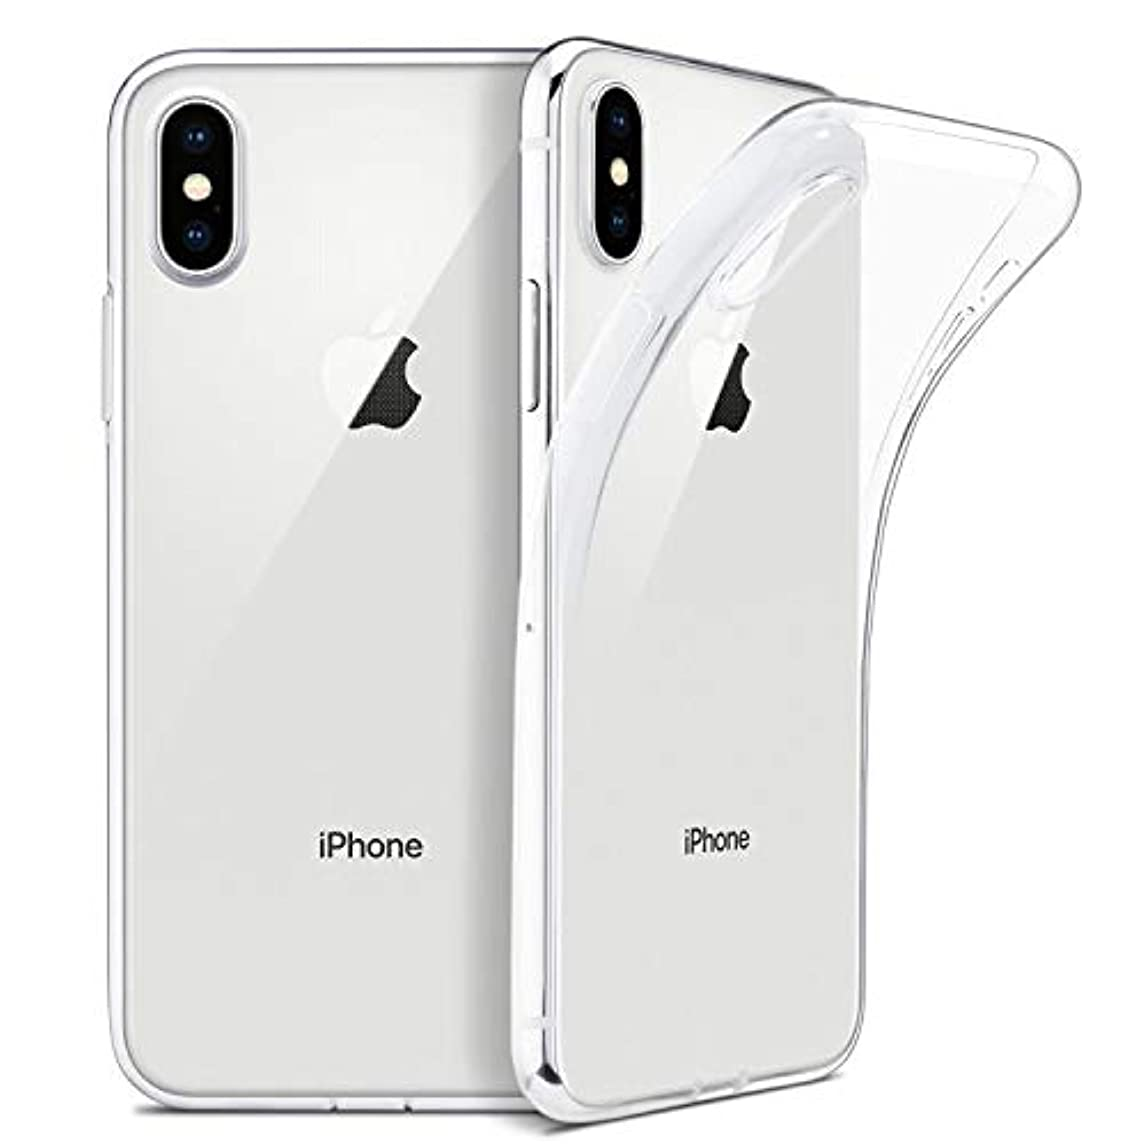 雇用者全く演劇Tonglilili IPhone Xのための細く明確で柔らかいTPUカバーサポート無線充満、IPhone Xの場合のための箱、 (Color : Transparent, Size : For iPhone XR)